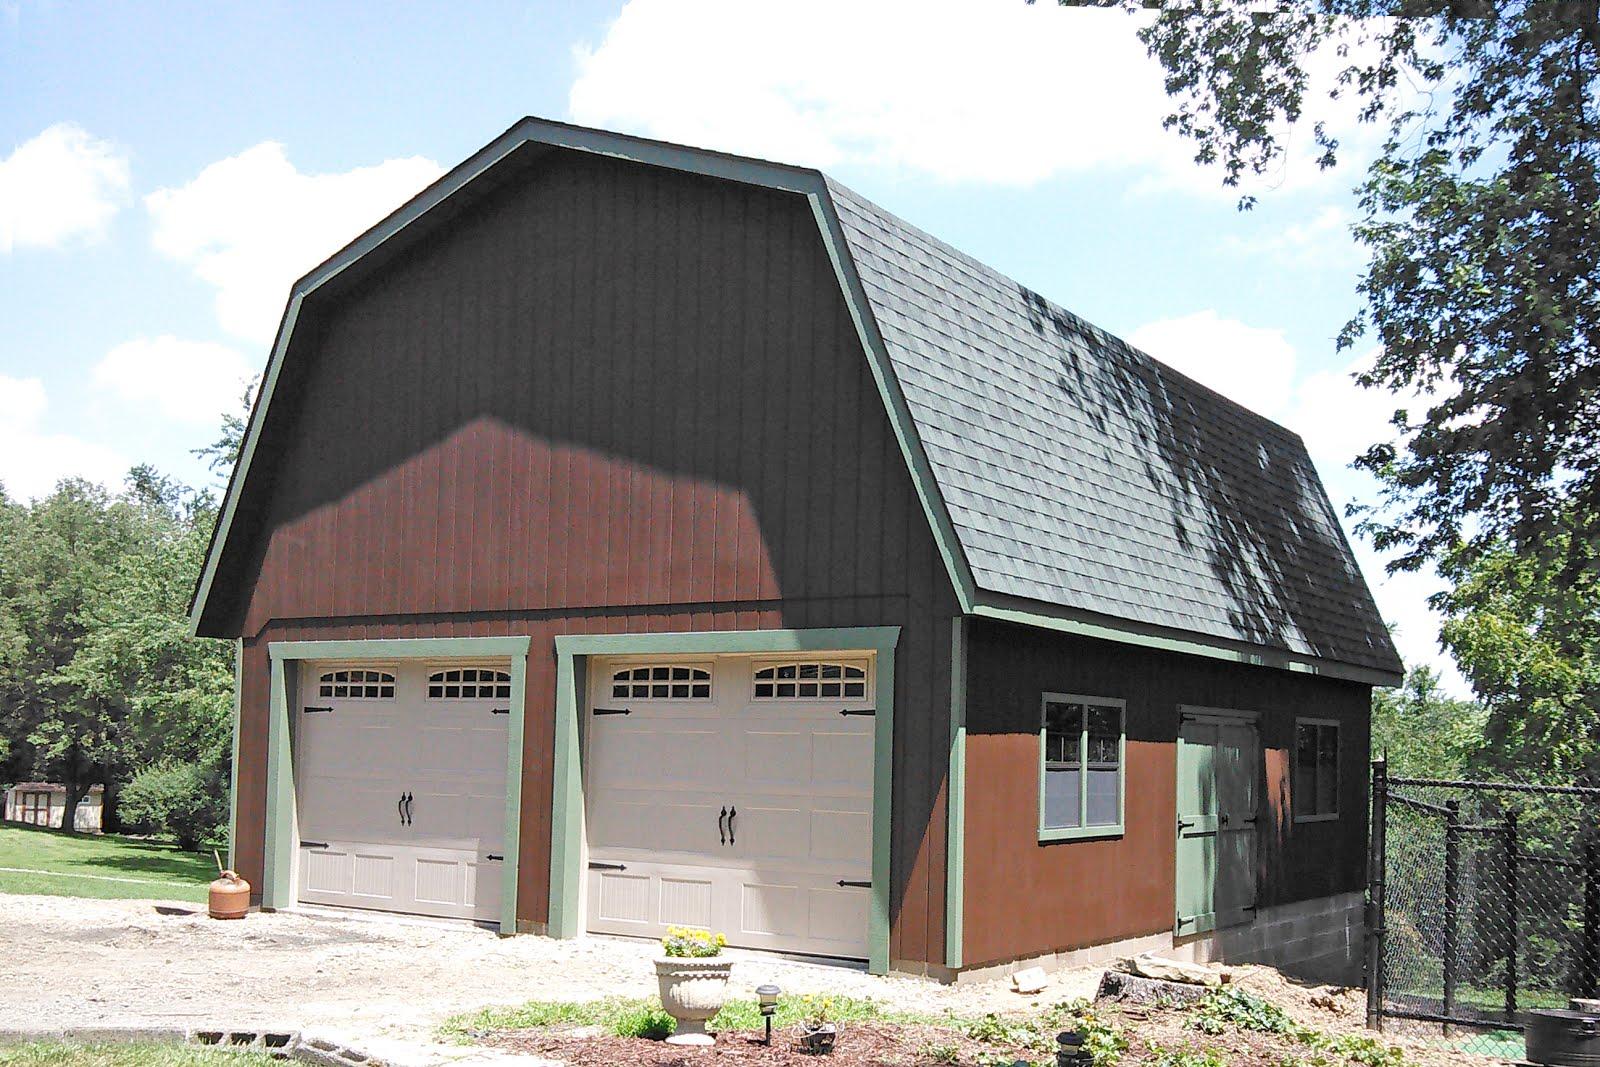 Three Car Garages in Maryland and North Carolina